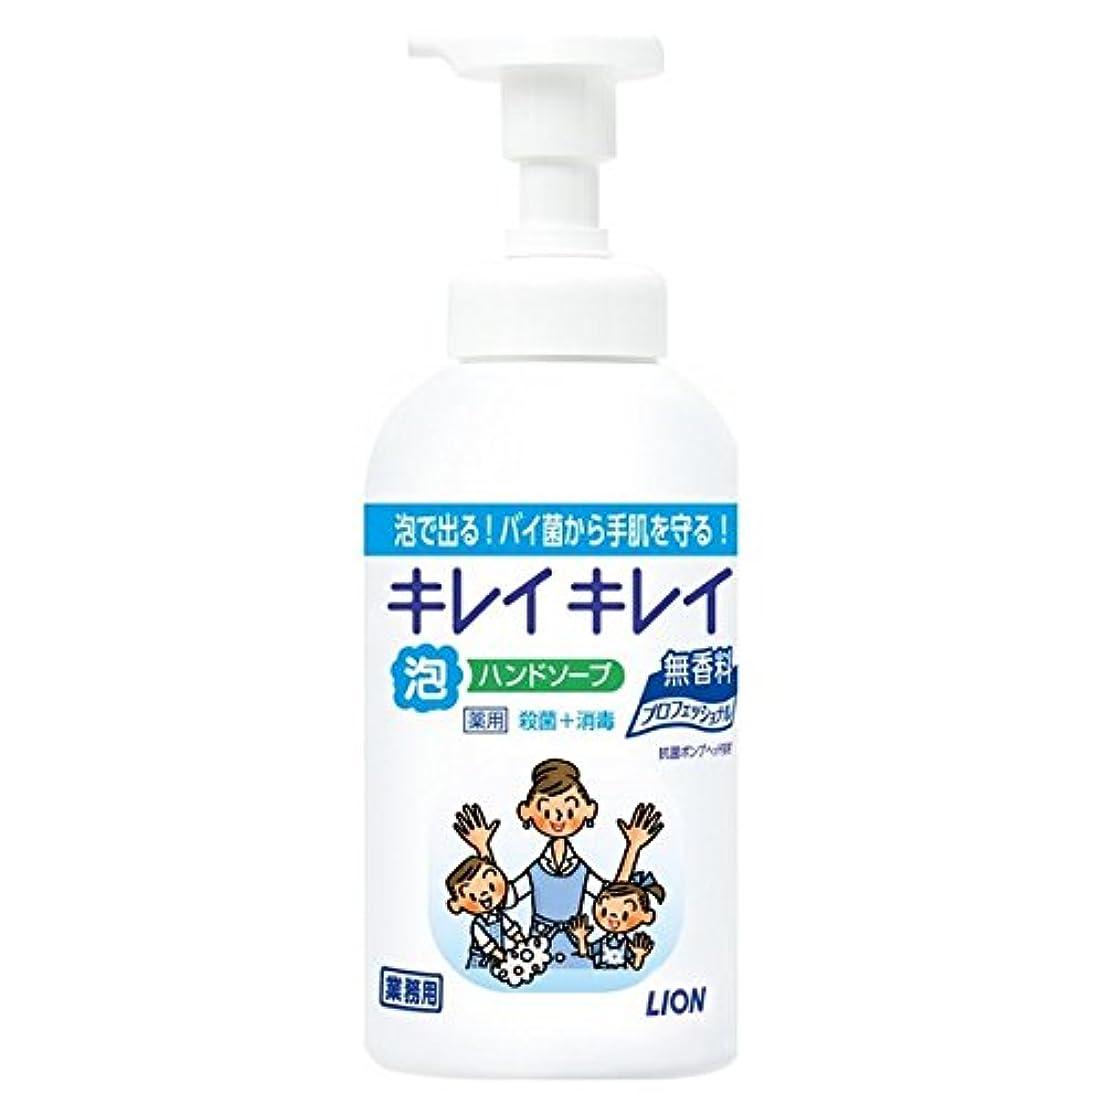 ライオン キレイキレイ薬用泡ハンドソープ 無香料 550ml×12本入